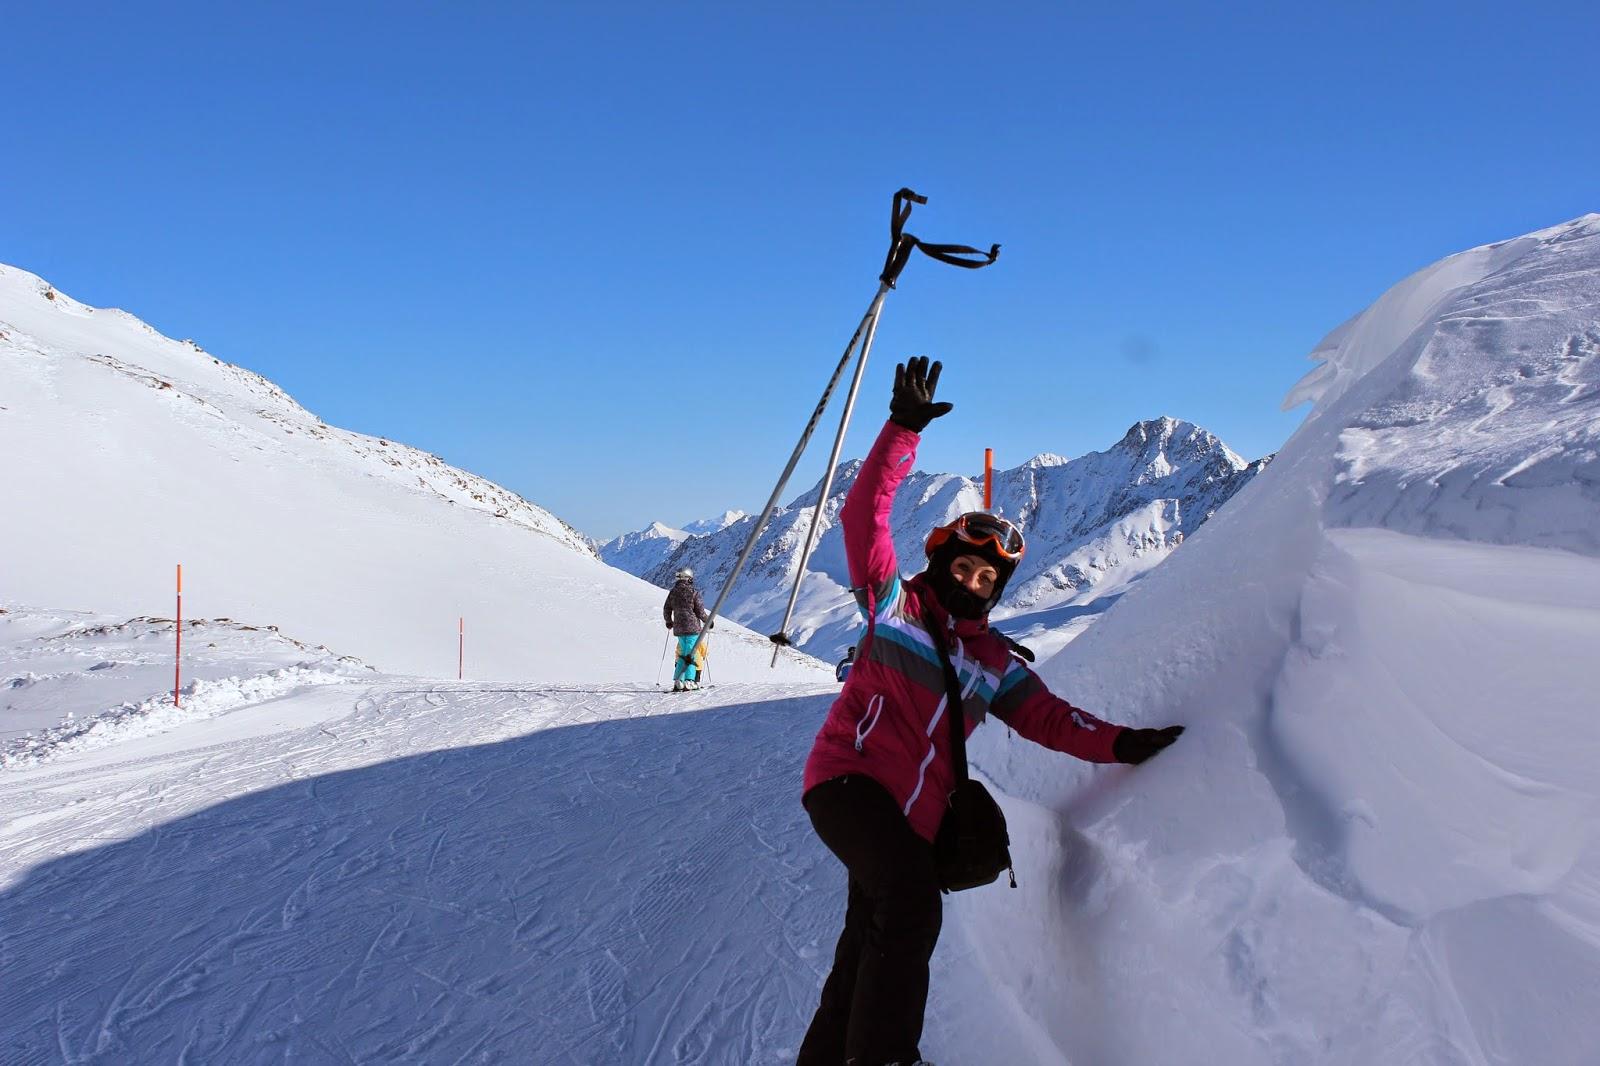 smieszne zdjęcie, różowa kurtka tenson, kask, gogle,spy, canon, szczyt lodowca foto